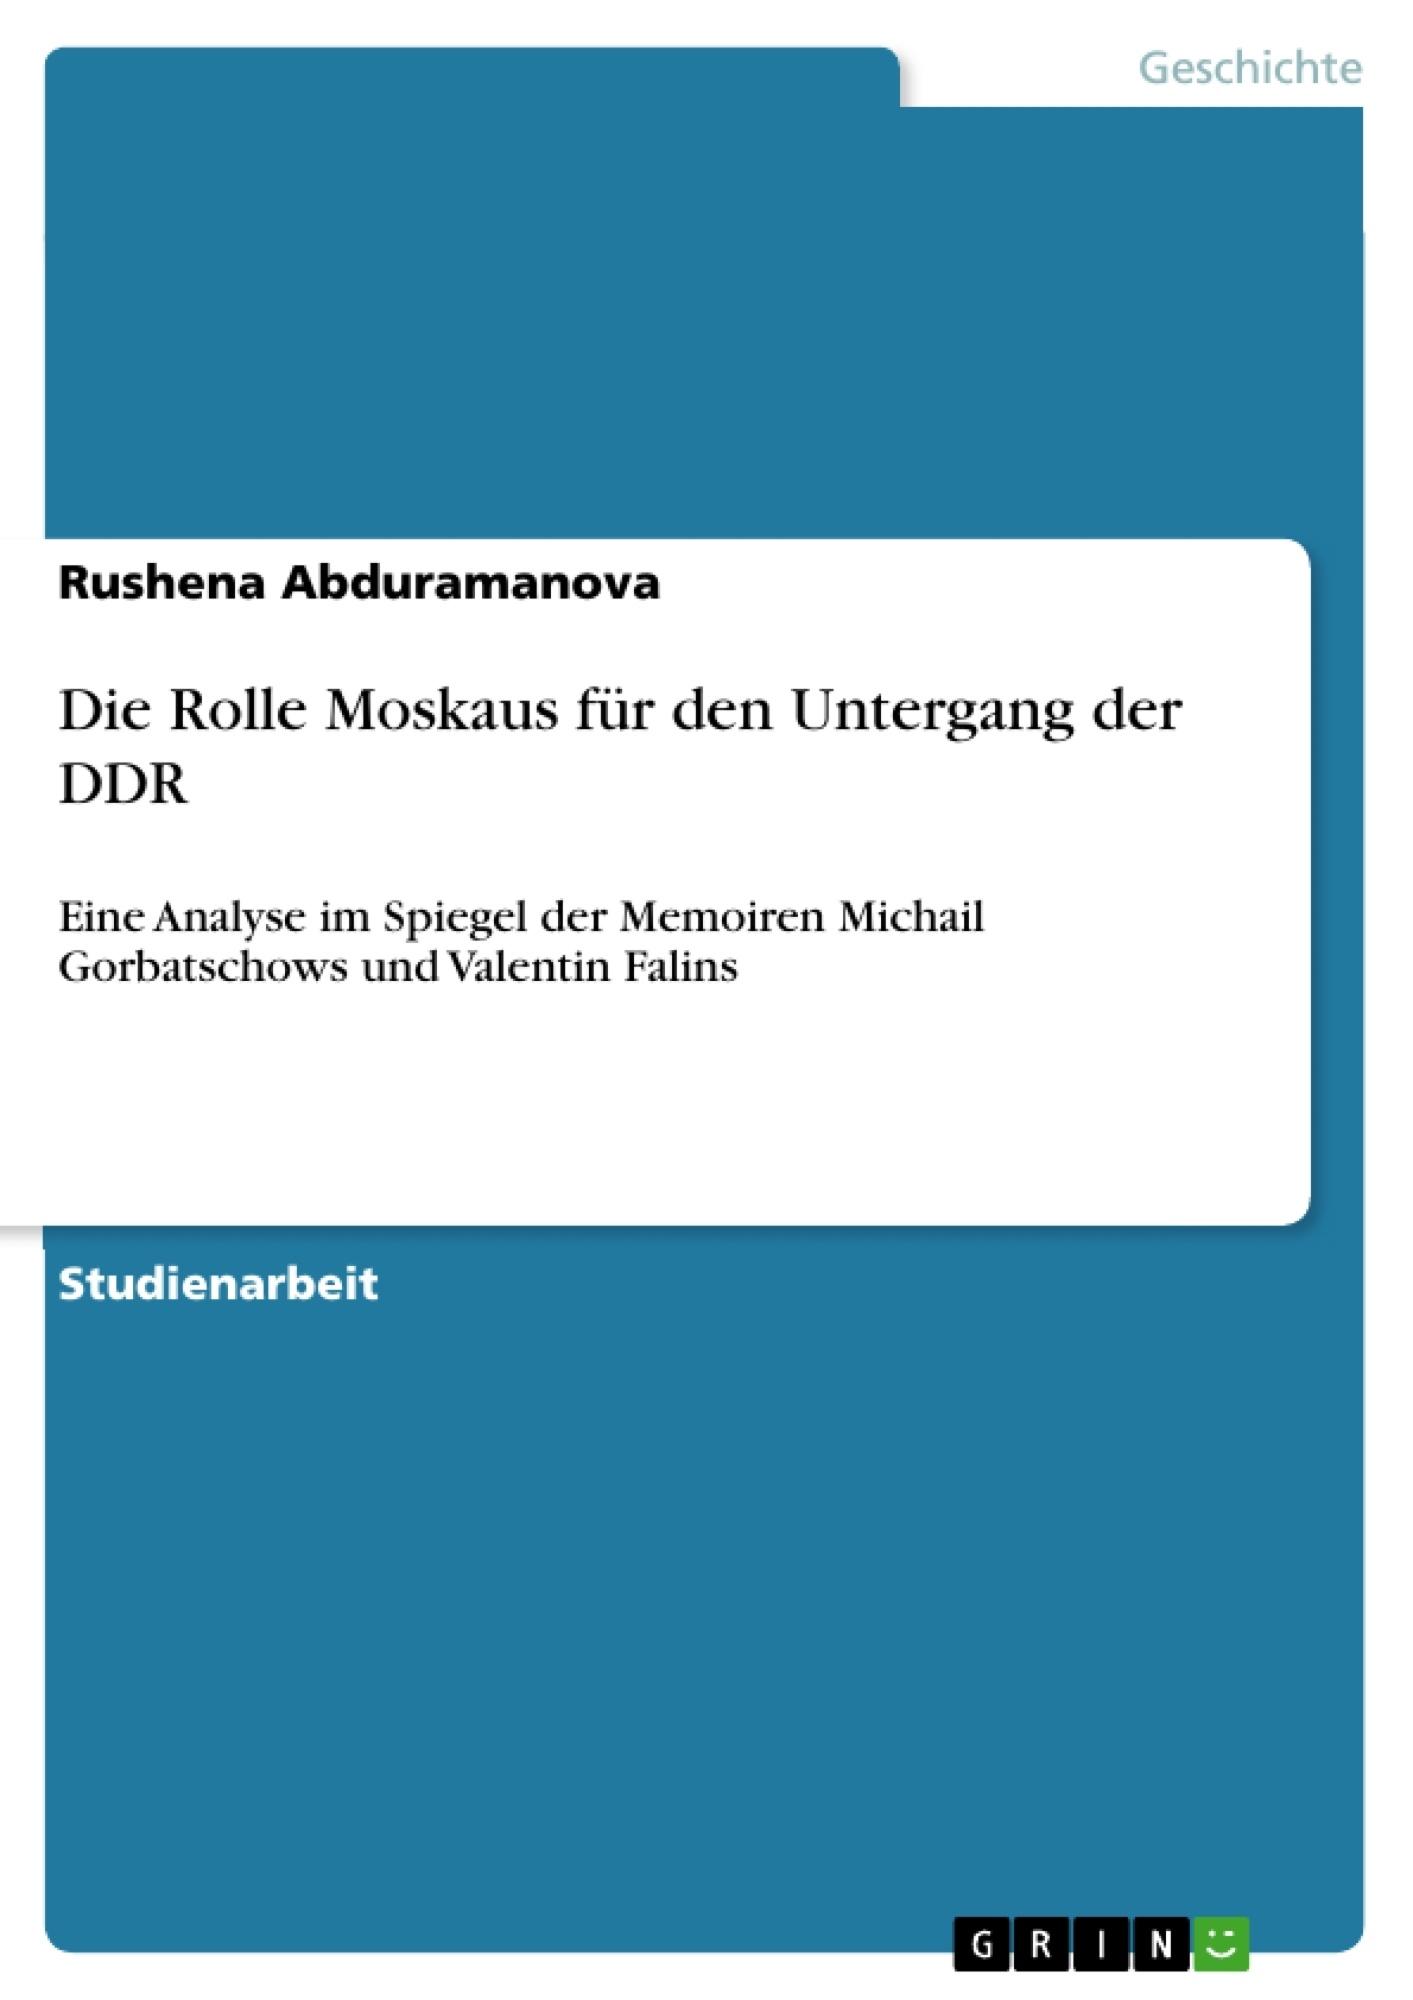 Titel: Die Rolle Moskaus für den Untergang der DDR